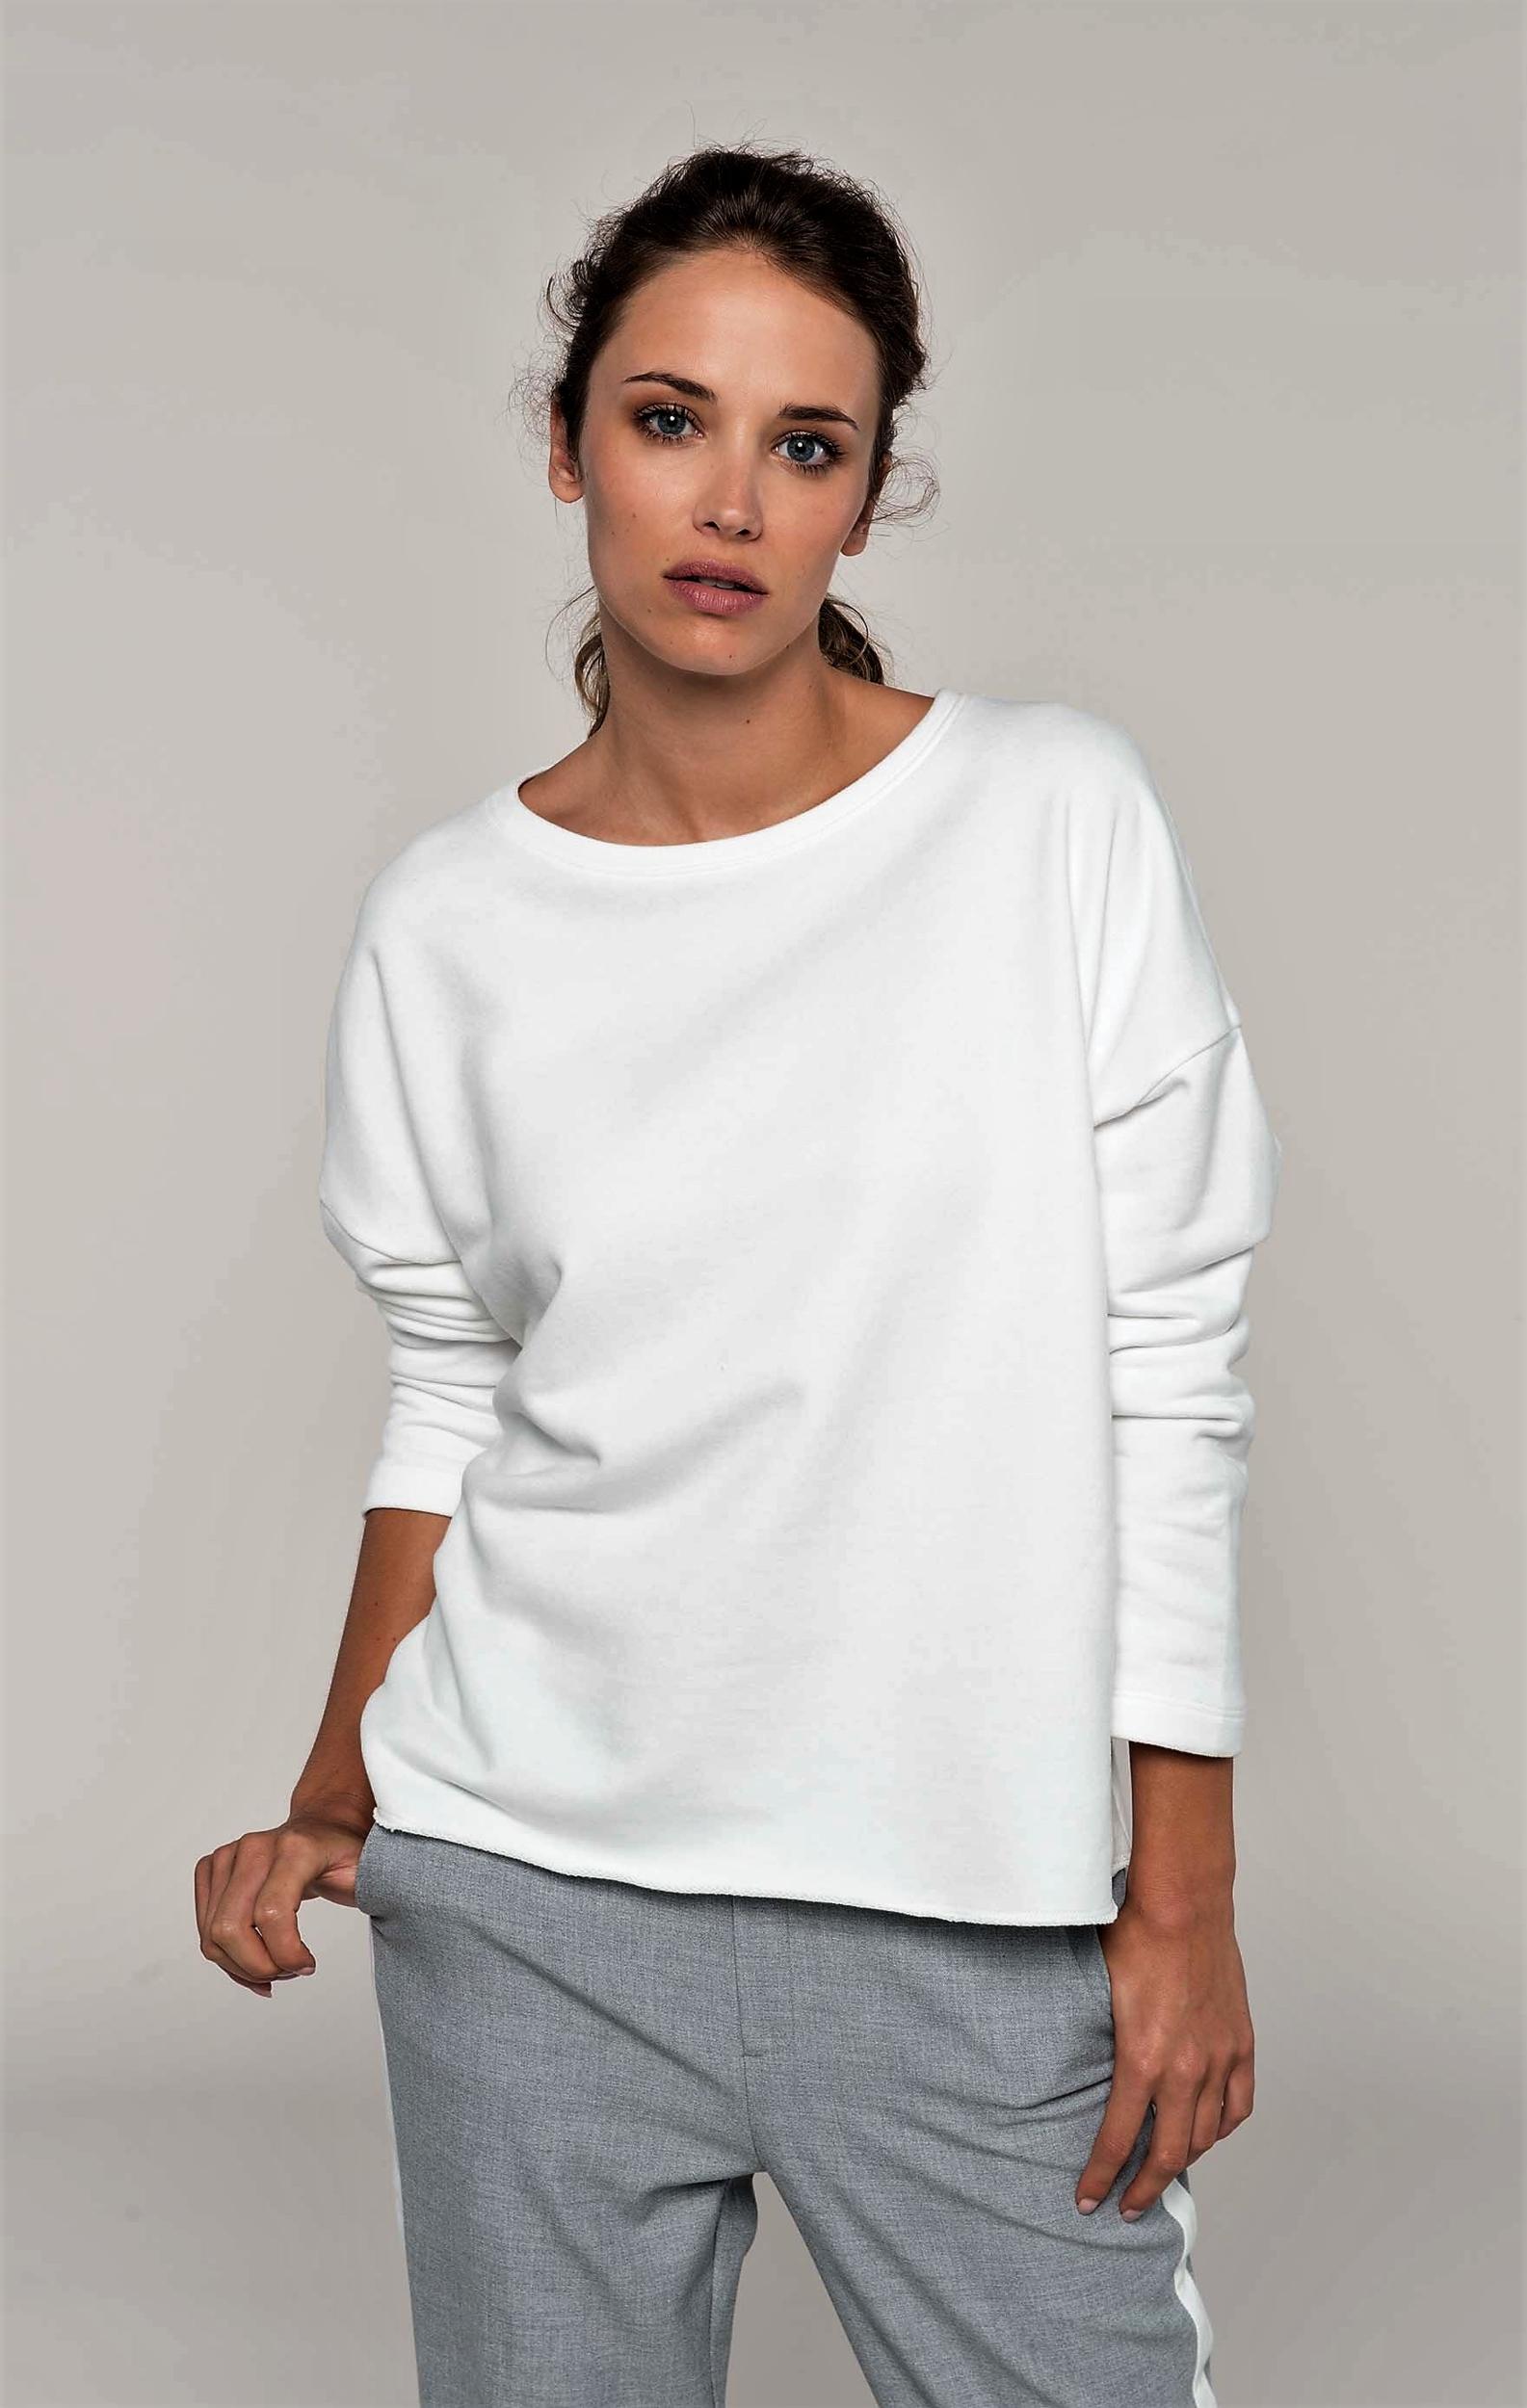 a2f113e84 Sweat-shirt femme